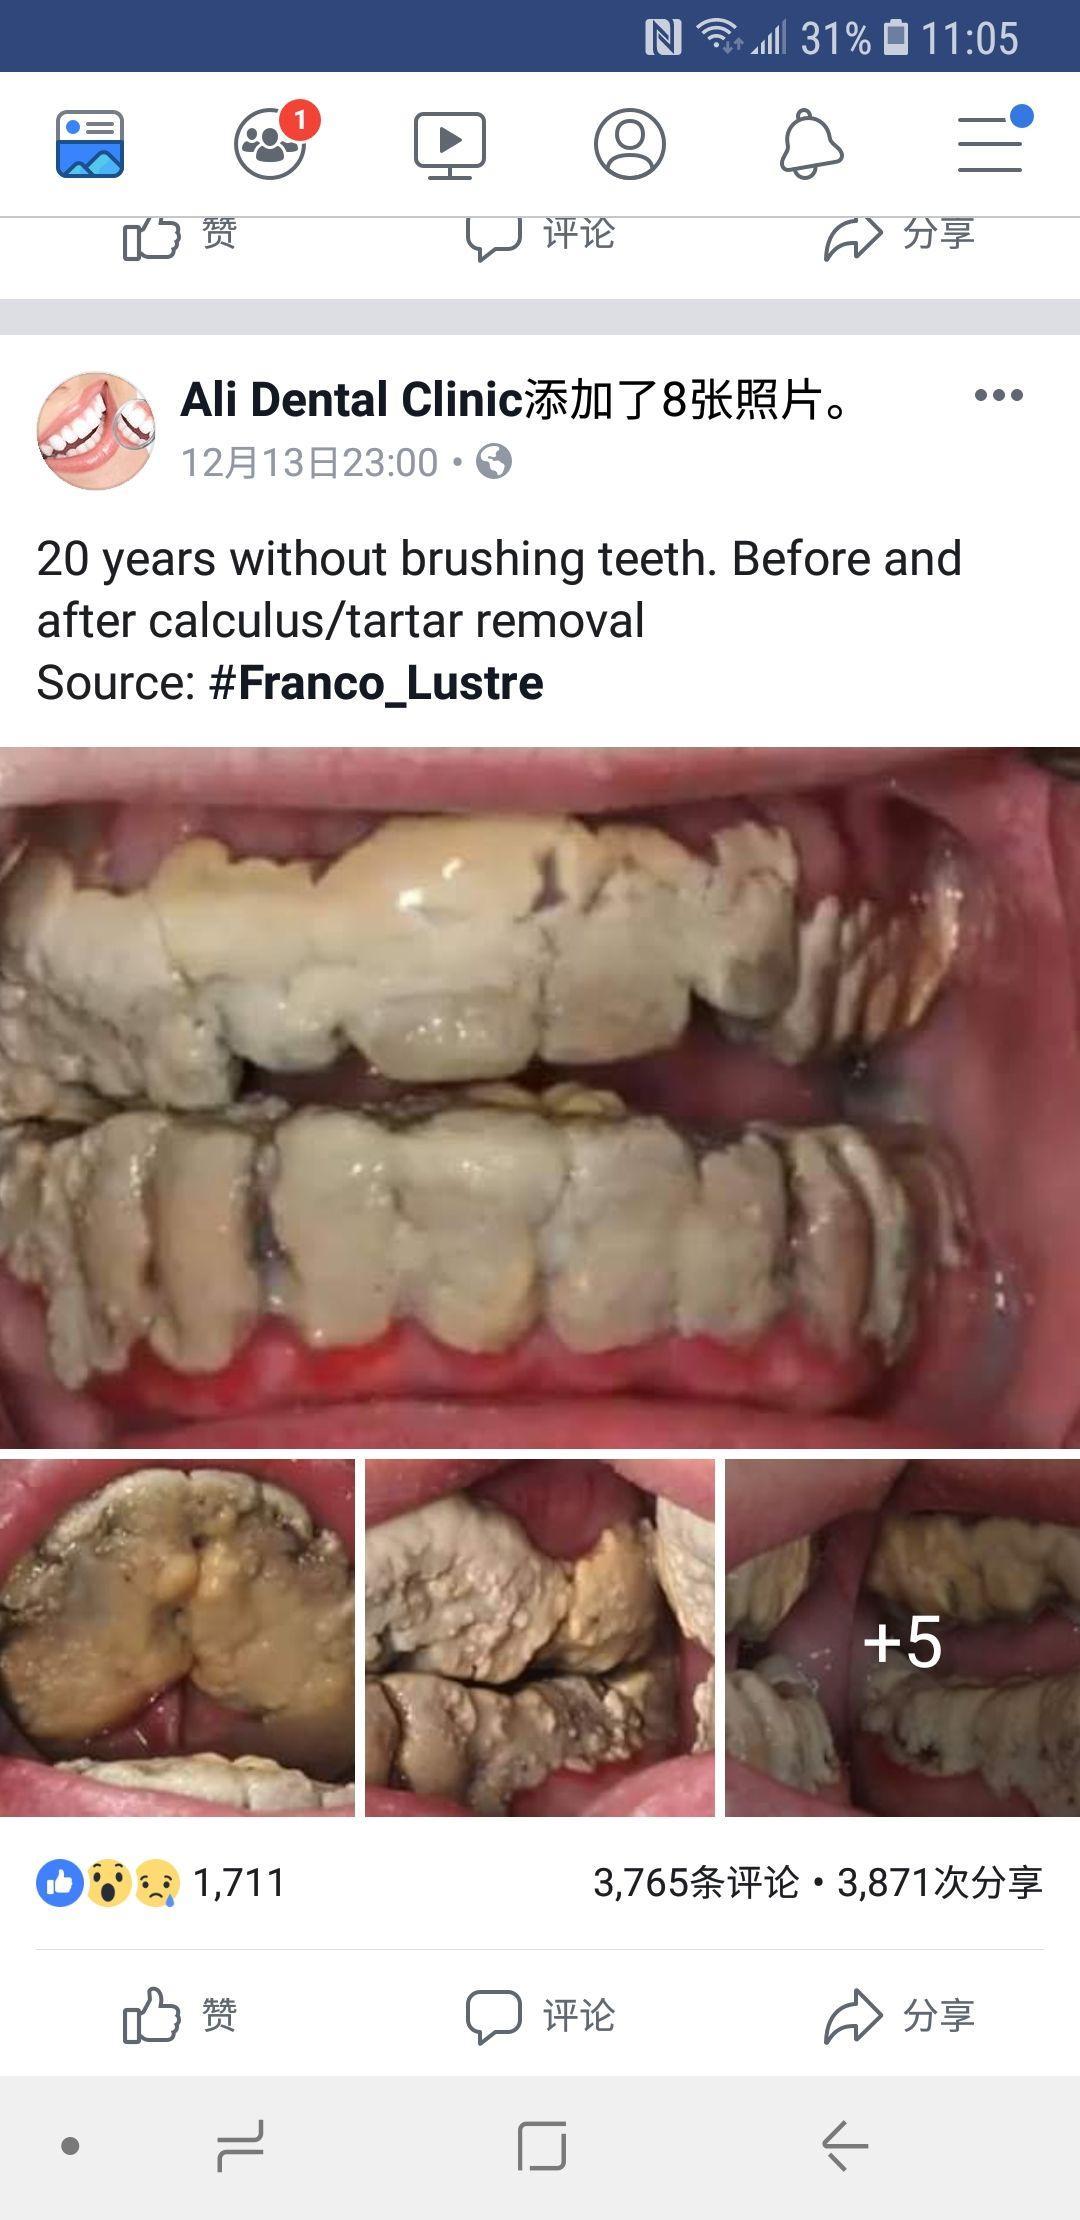 爽到死_如果一个人从出生就不刷牙,20 年后牙是什么样子? - 知乎